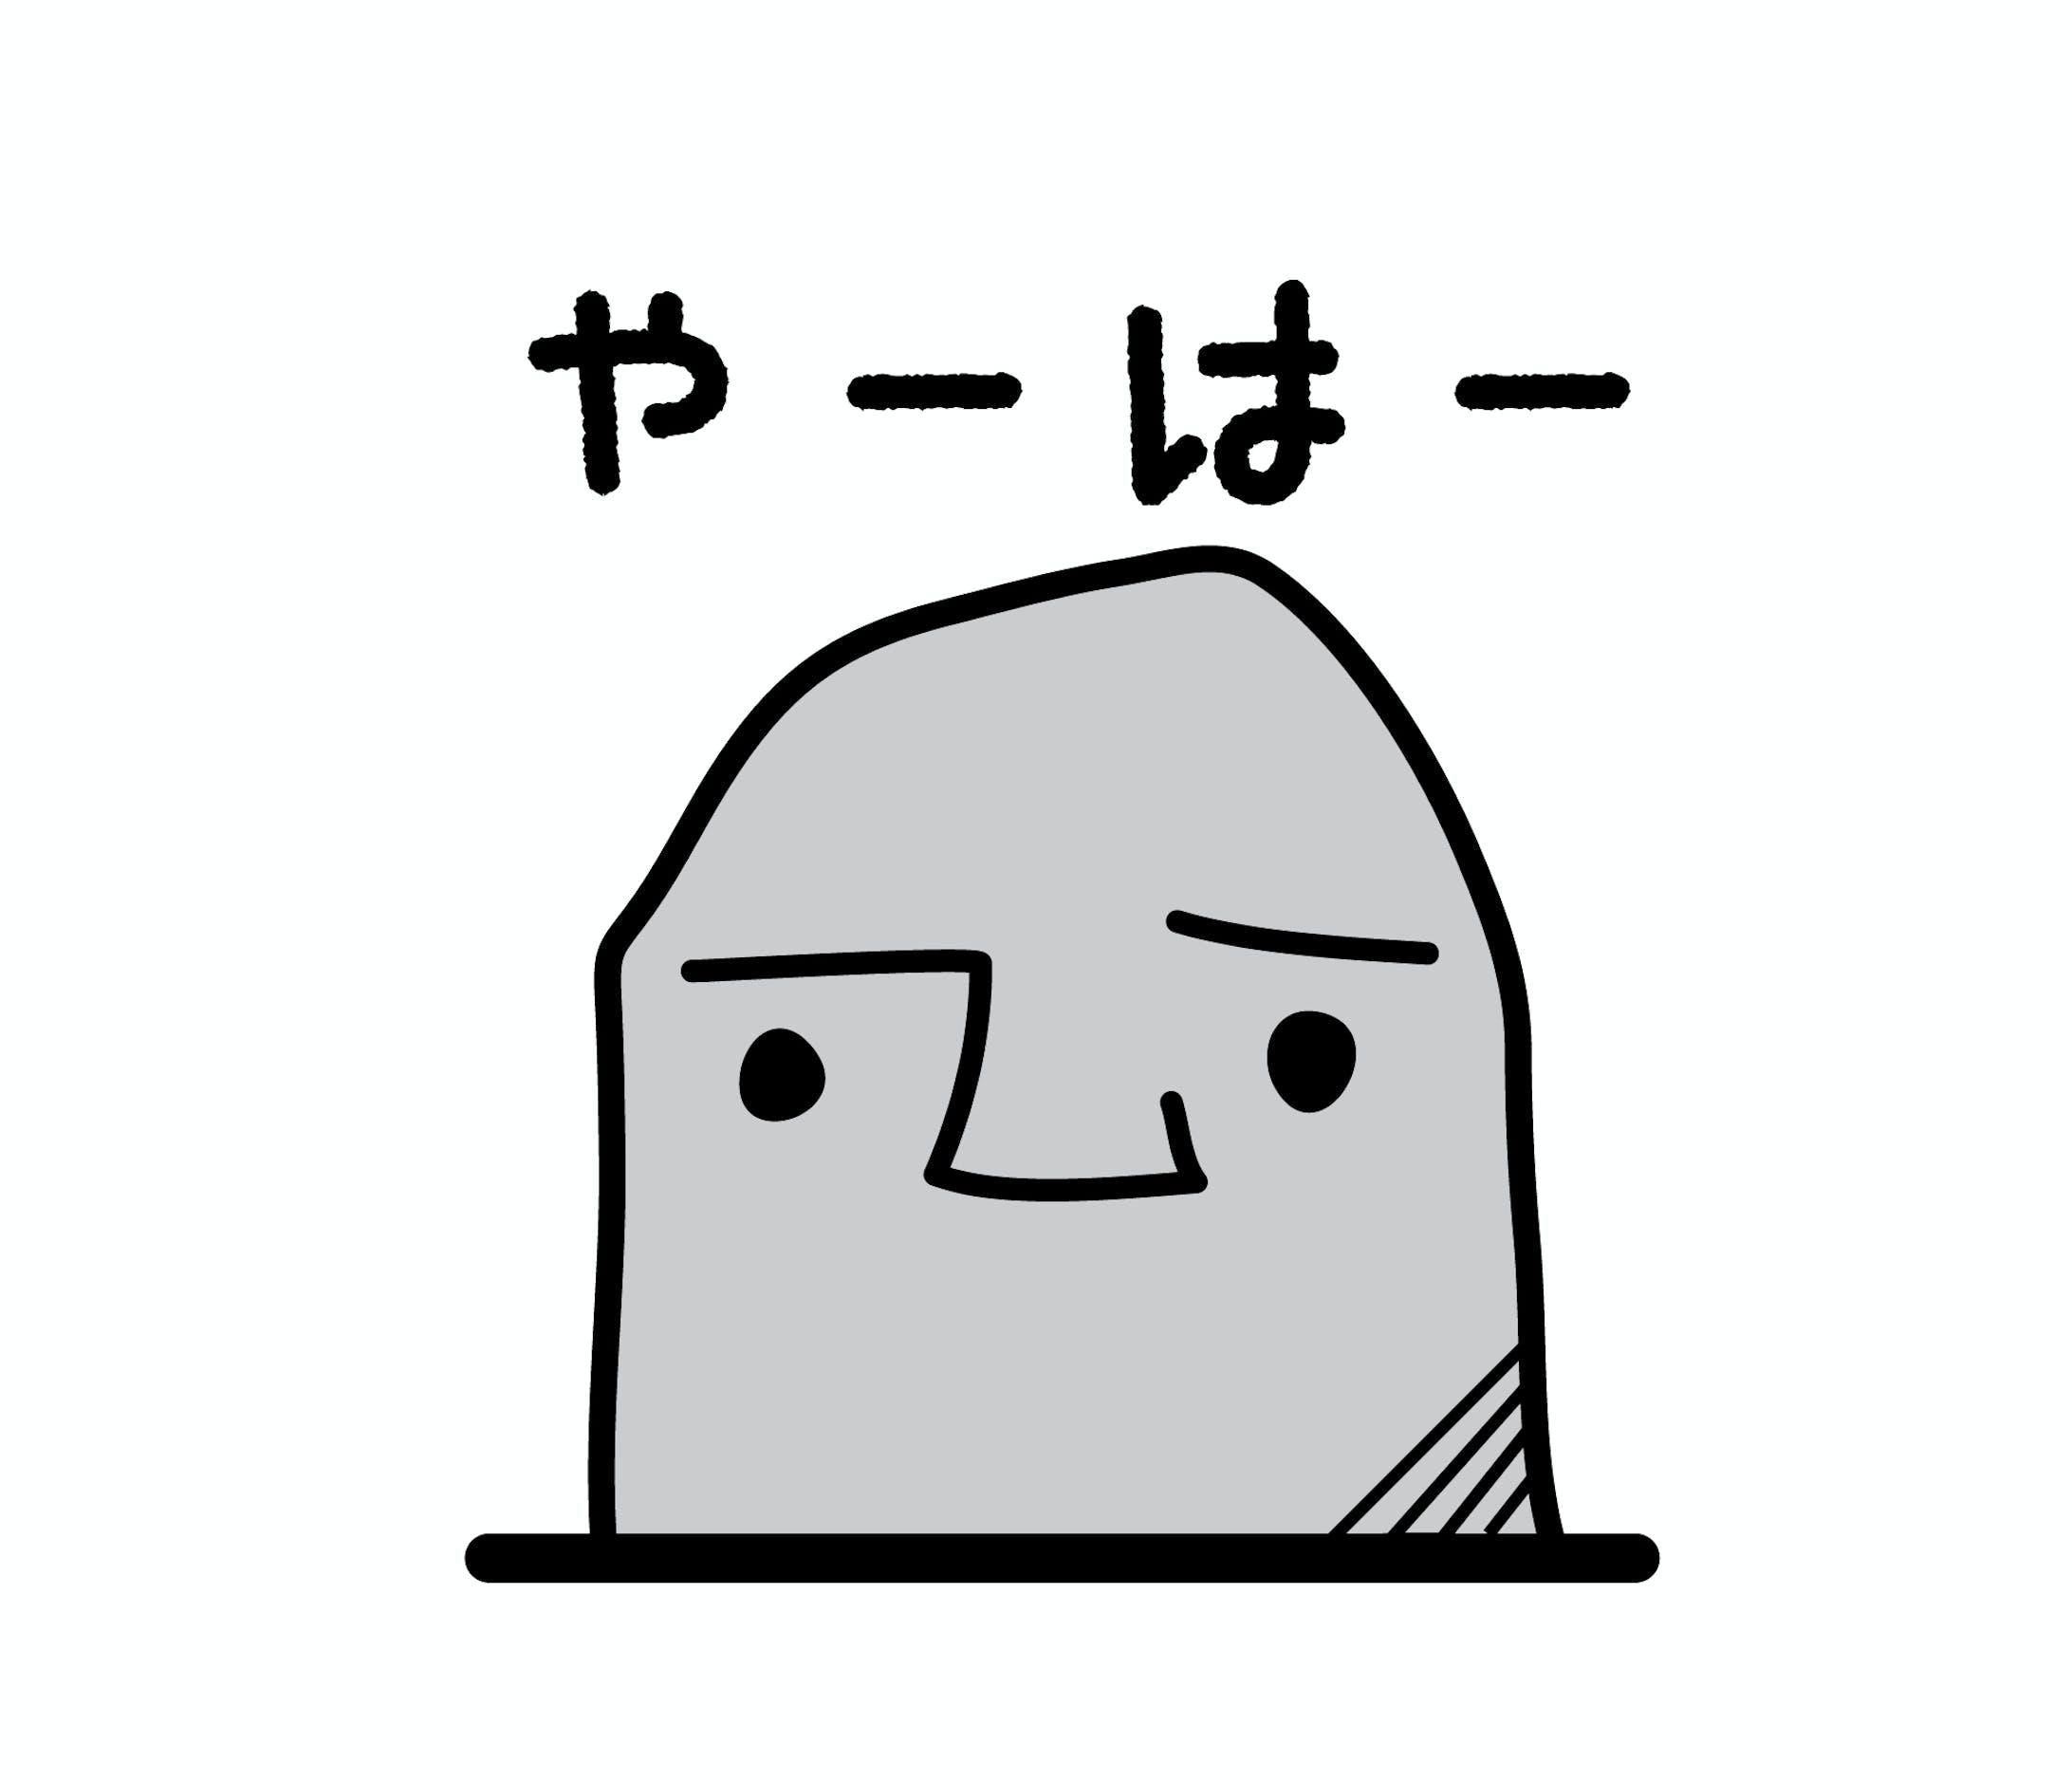 キャラクター『やーはーモヤイくん』-1